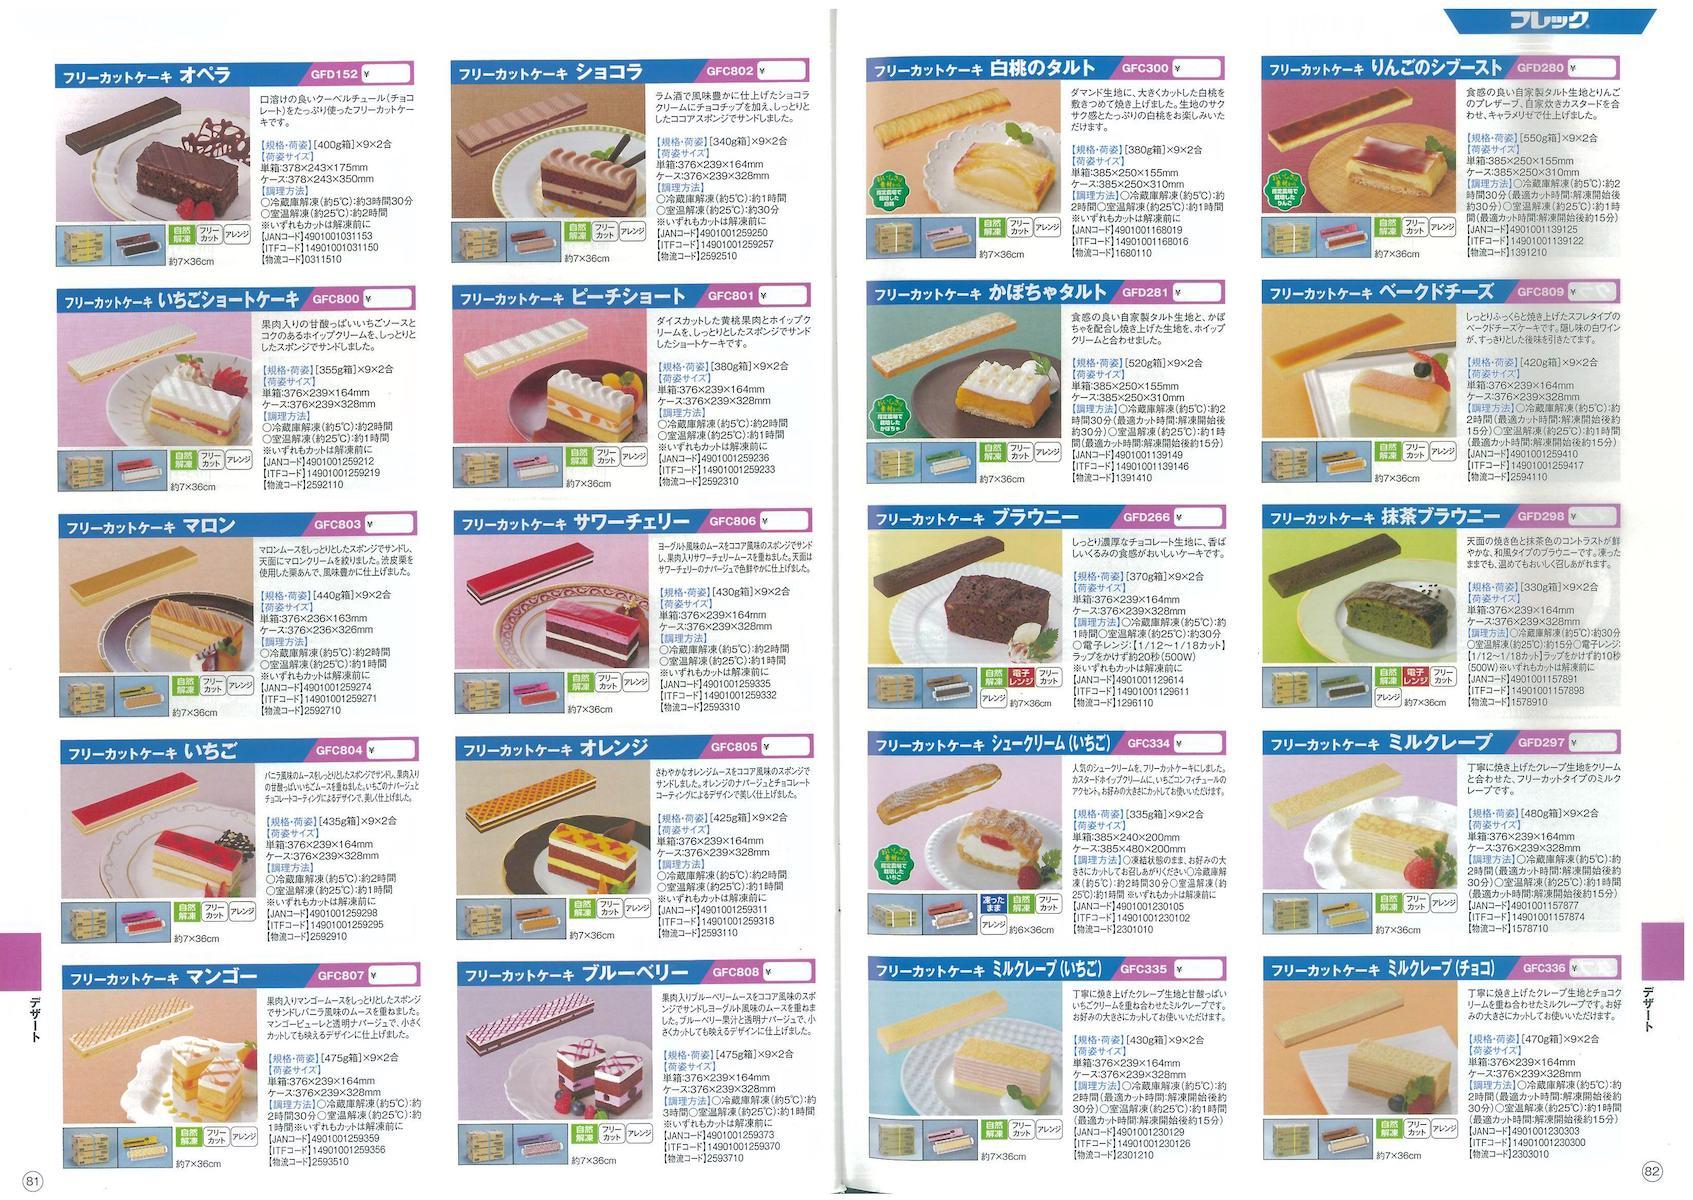 味の素冷凍食品 フリーカットケーキオペラ フリーカットケーキショコラ フリーカットケーキいちごショートケーキ フリーカットケーキピーチショート フリーカットケーキマロン フリーカットケーキサワーチェリー フリーカットケーキいちご フリーカットケーキオレンジ フリーカットケーキマンゴー フリーカットケーキブルーベリー フリーカットケーキ白桃のタルト フリーカットケーキりんごのシブースト フリーカットケーキかぼちゃタルト フリーカットケーキベークドチーズ フリーカットケーキブラウニー フリーカットケーキ抹茶ブラウニー フリーカットケーキシュークリーム(いちご) フリーカットケーキミルクレープ フリーカットケーキミルクレープ(いちご) フリーカットケーキミルクレープ(チョコ)